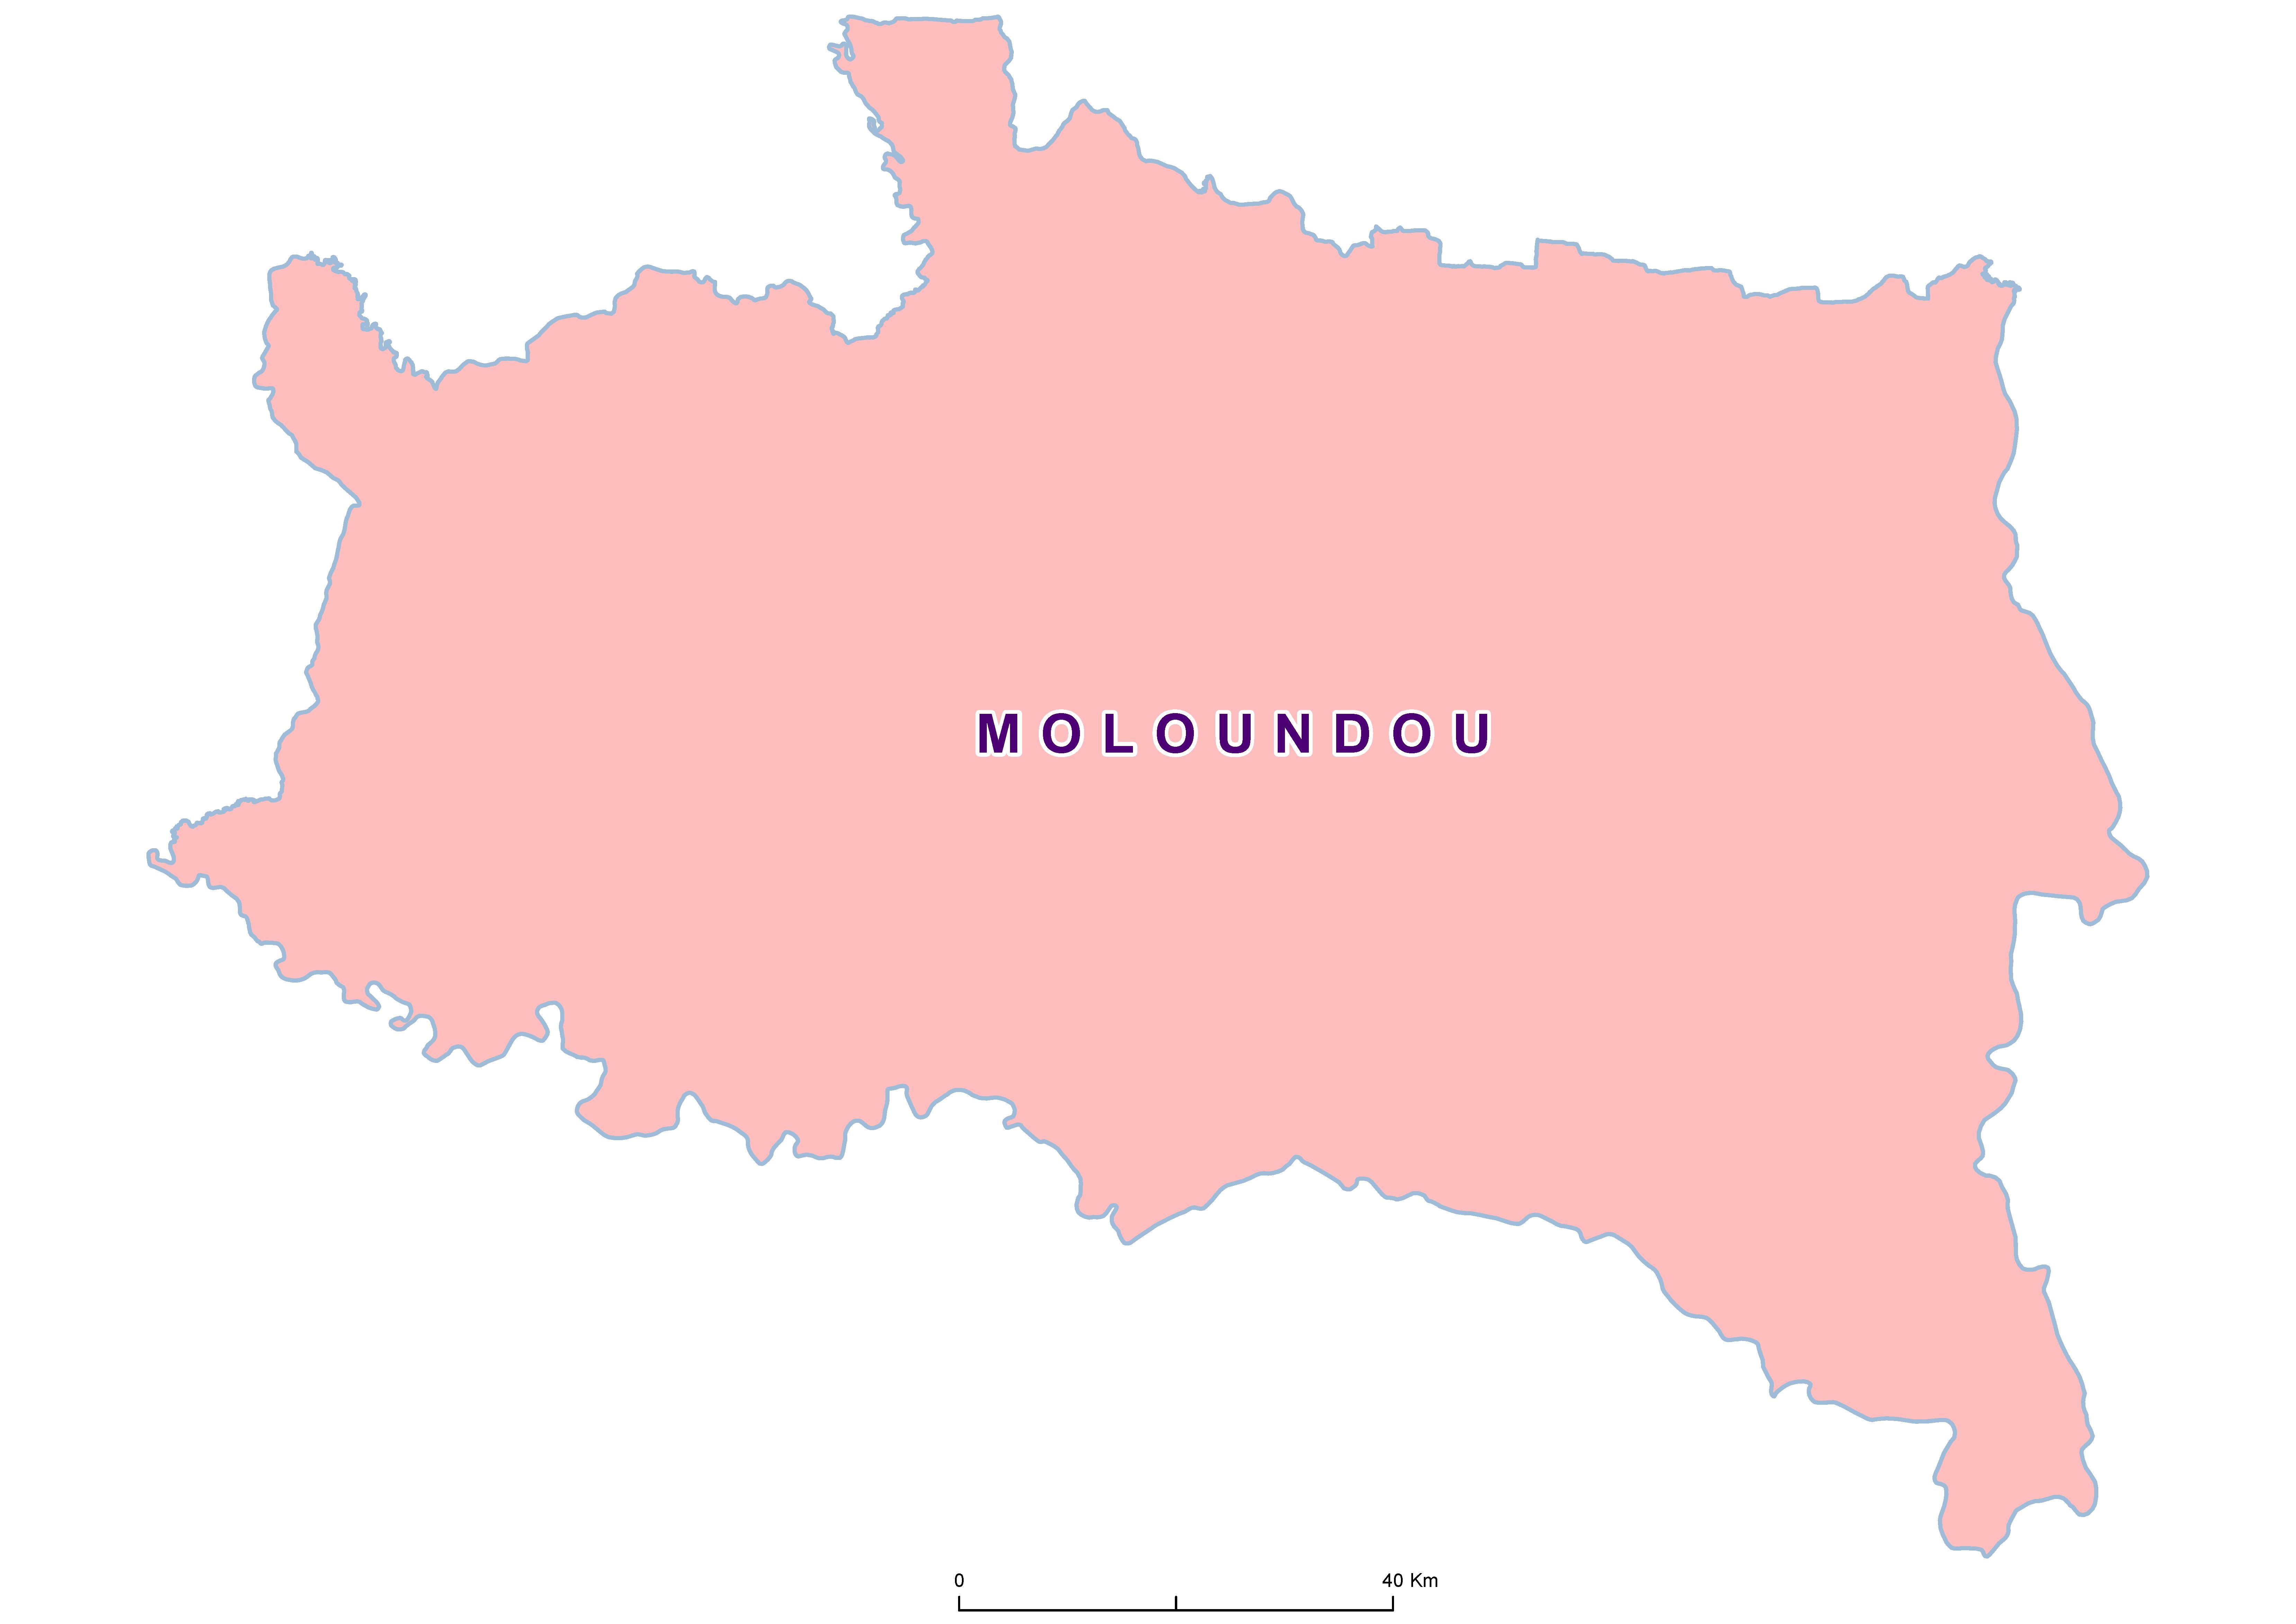 Moloundou Max SCH 19850001